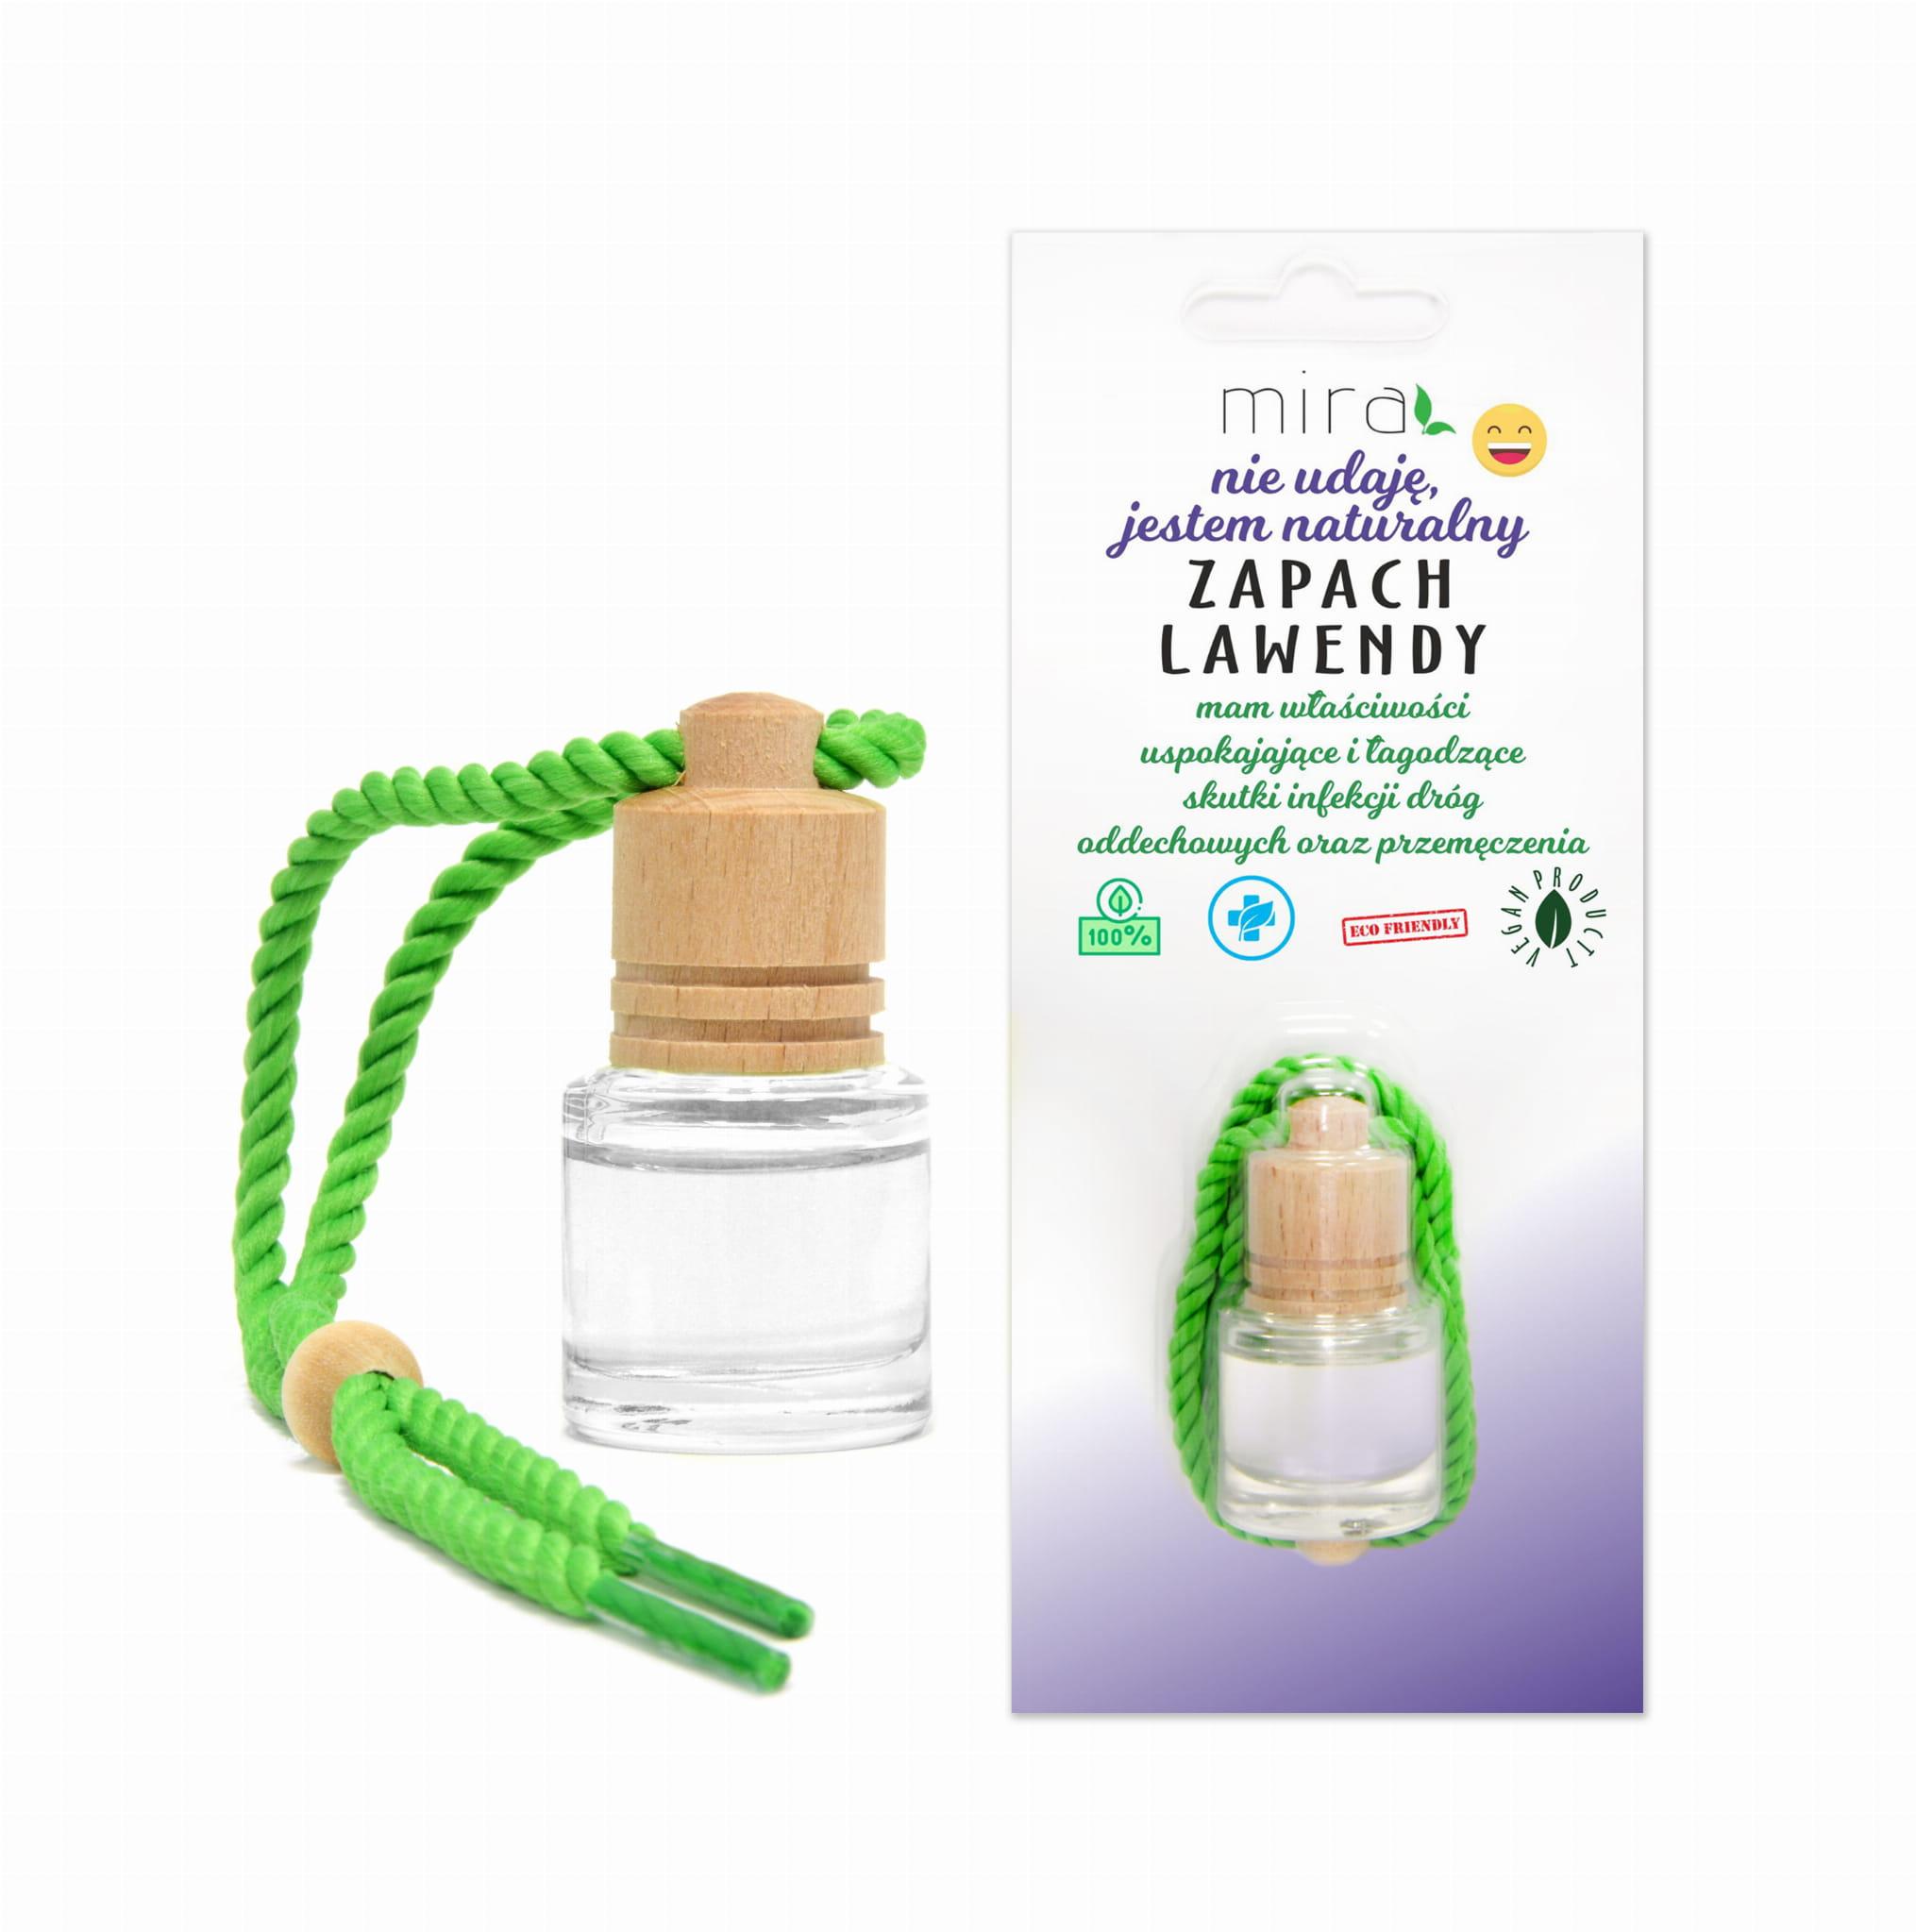 Naturalny zapach lawendy 5 ml